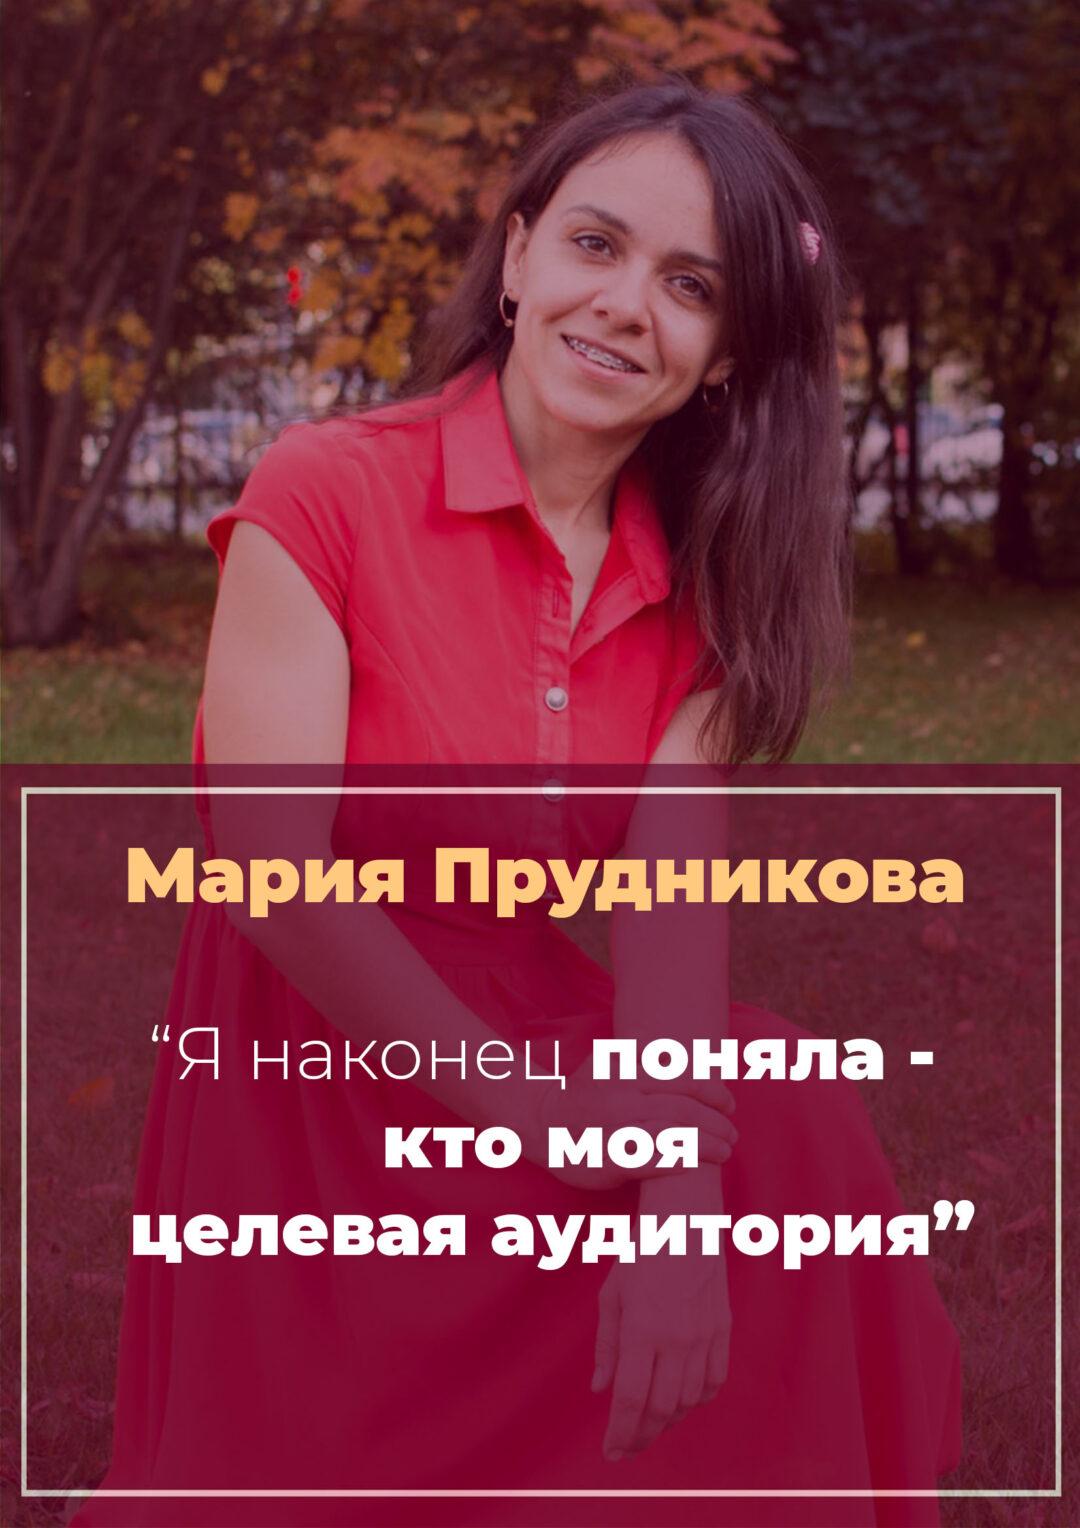 История Марии Прудниковой